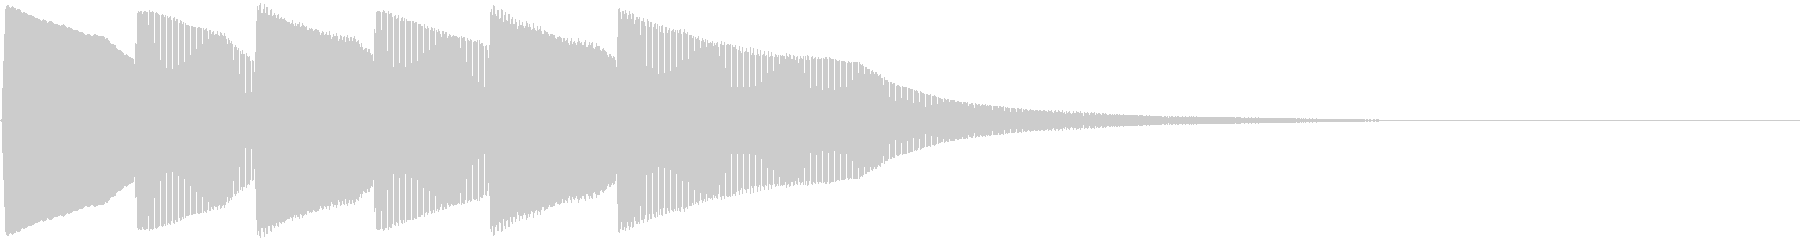 ピンポン×3回(クイズの正解音)の未再生の波形